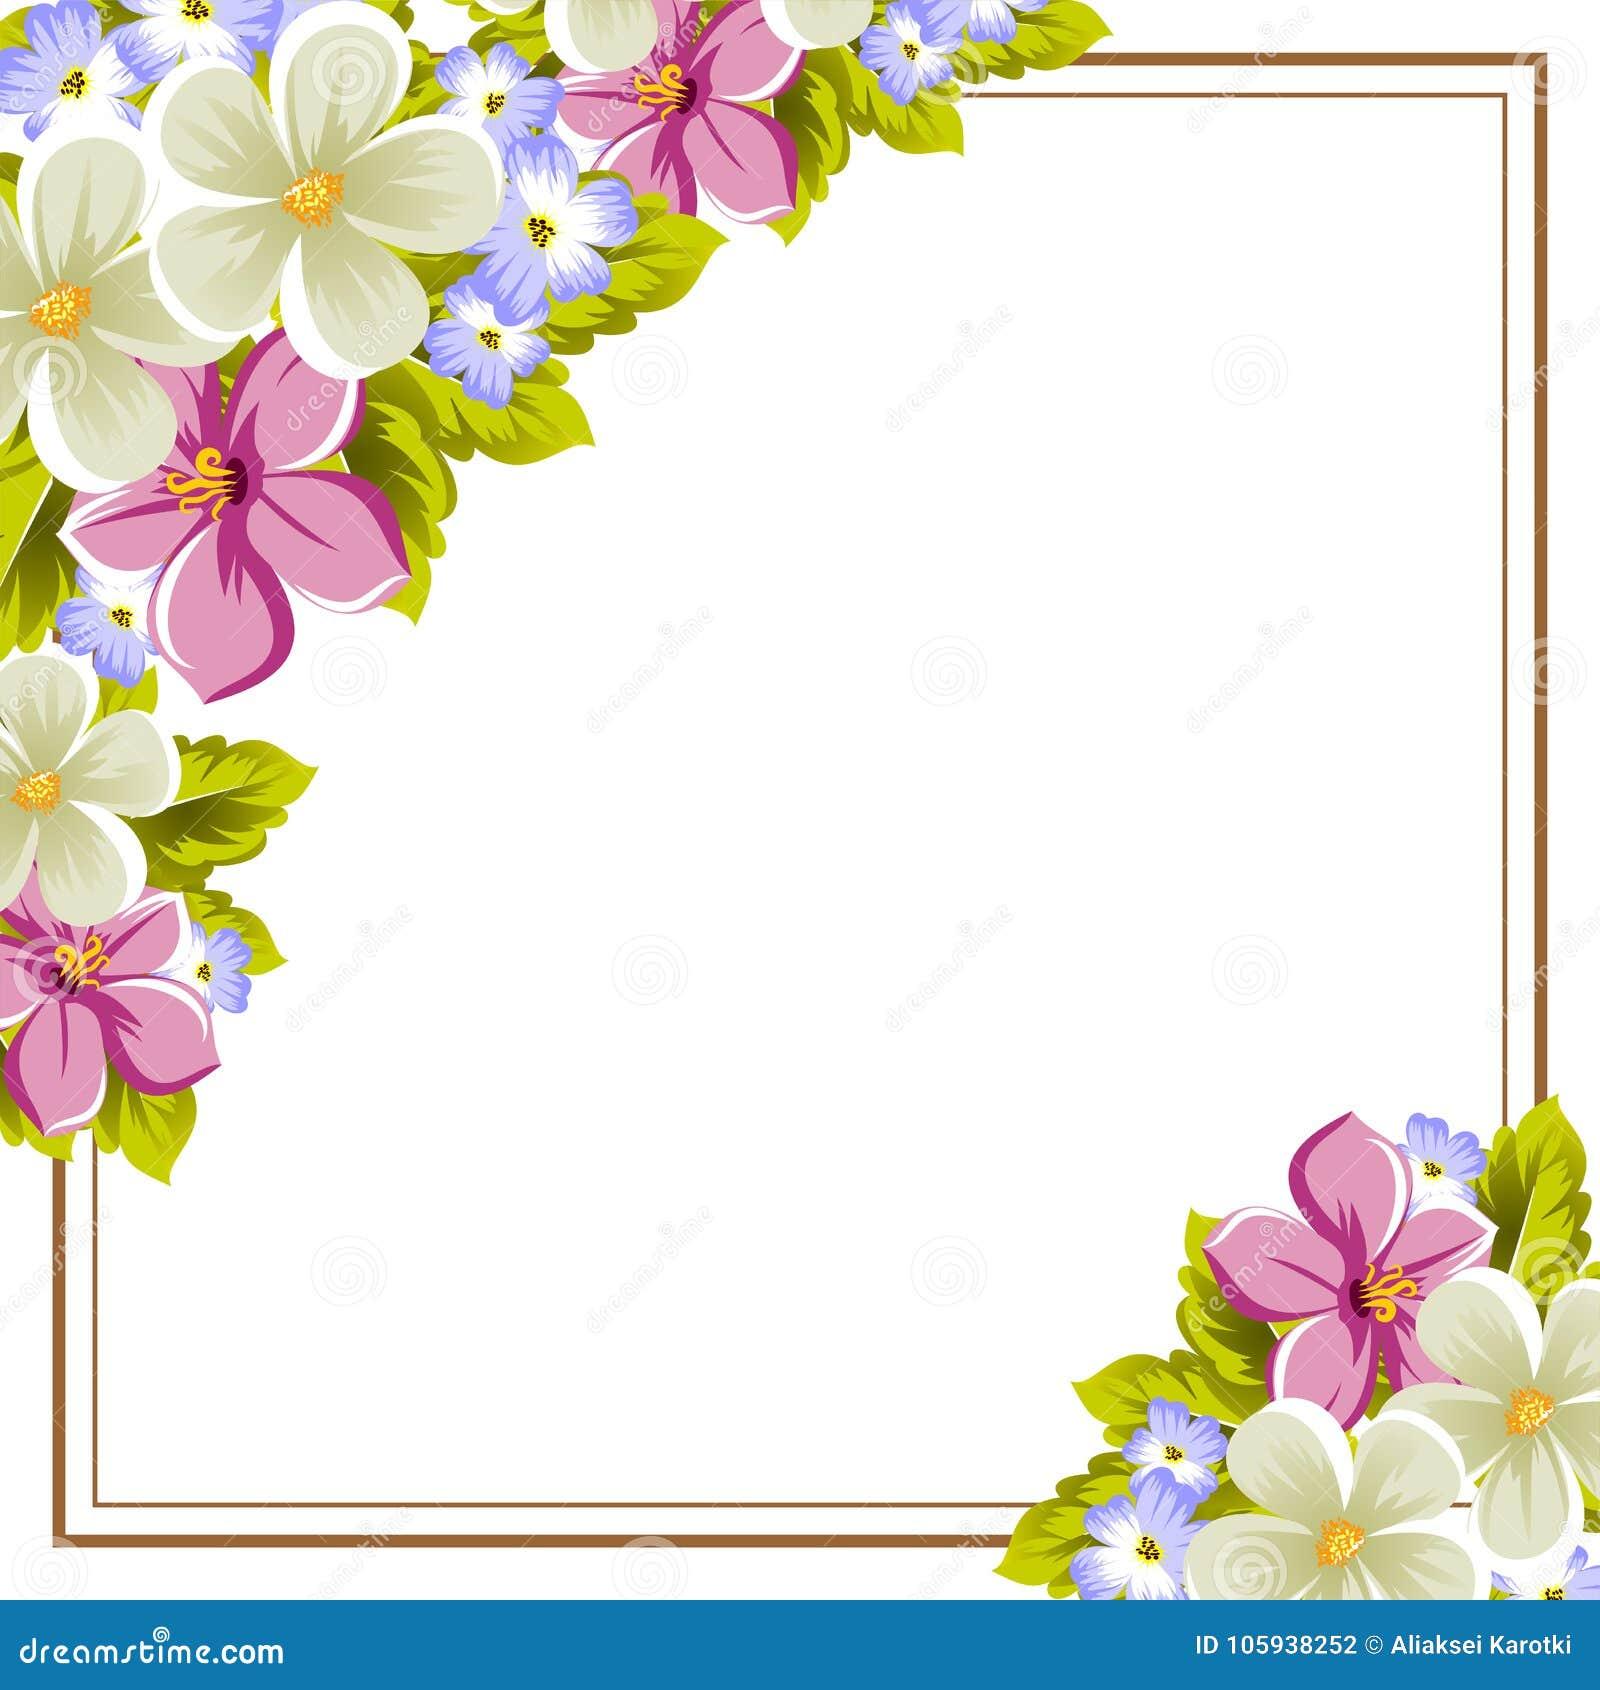 cap u00edtulo de algunas flores para el dise u00f1o de tarjetas